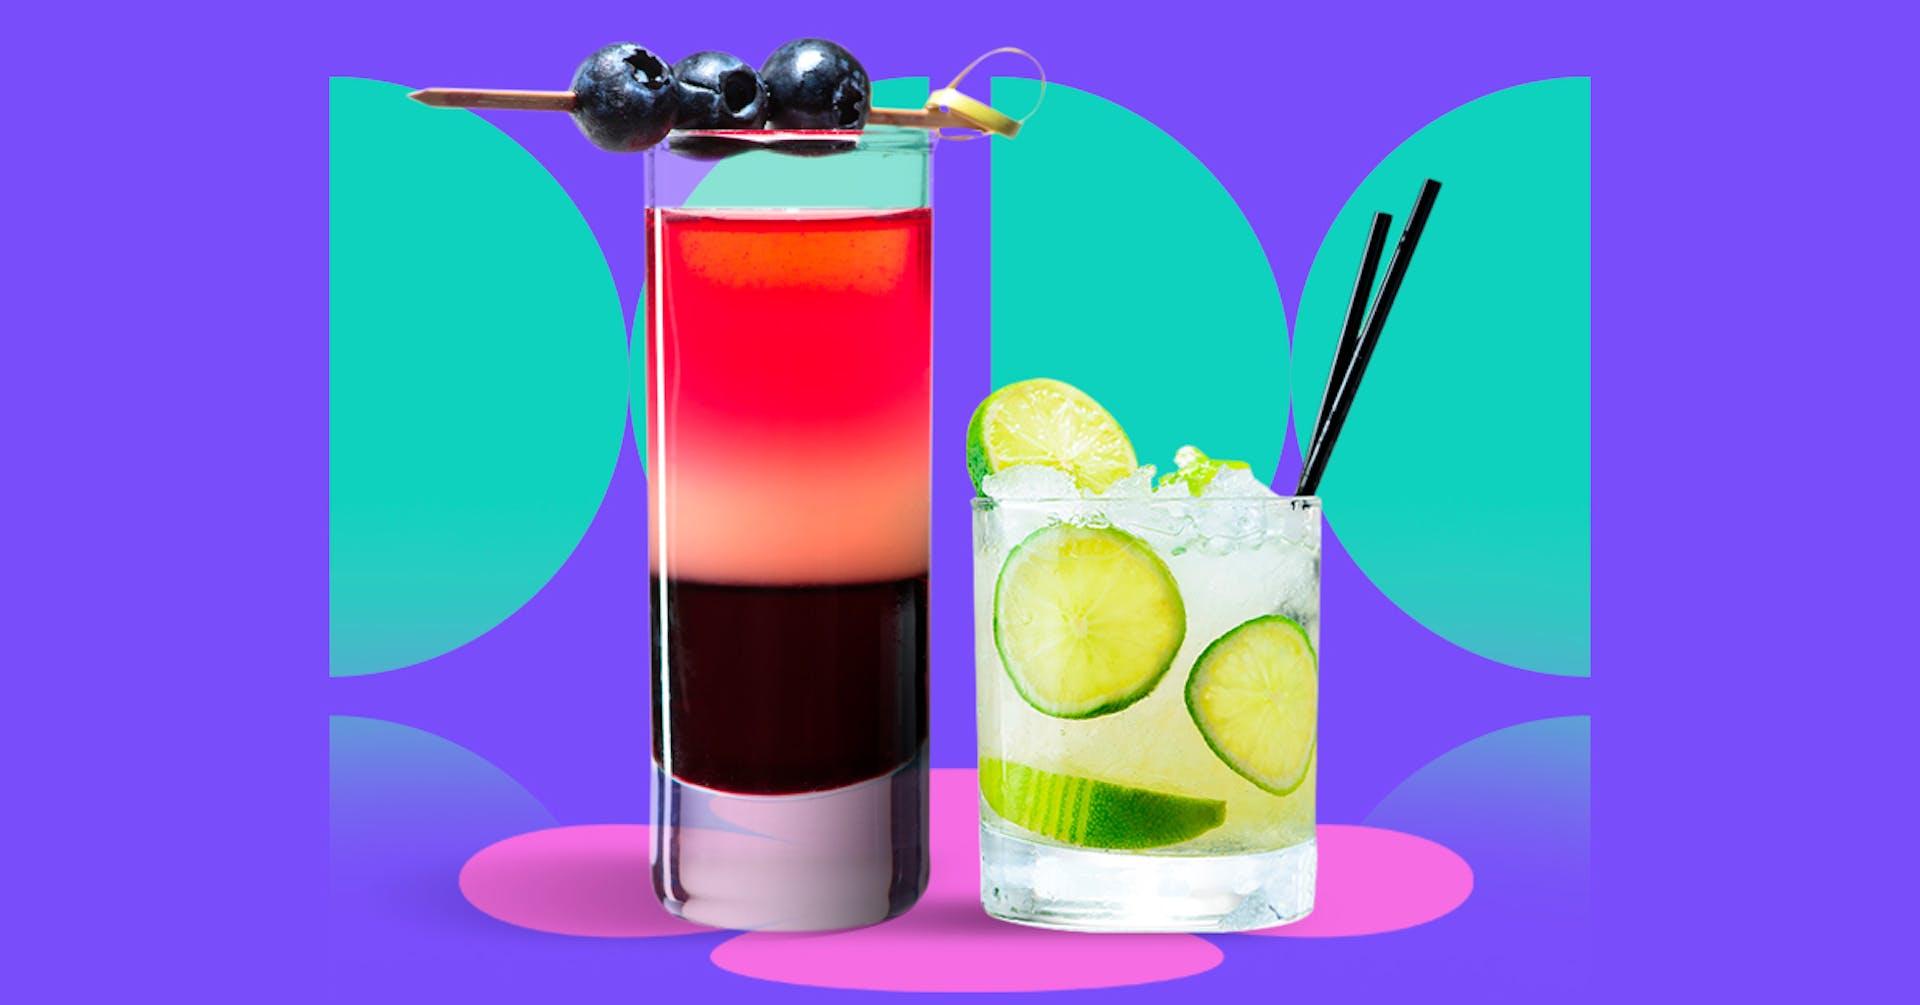 Descubre qué tipos de cócteles existen y aprende a crear las bebidas más creativas